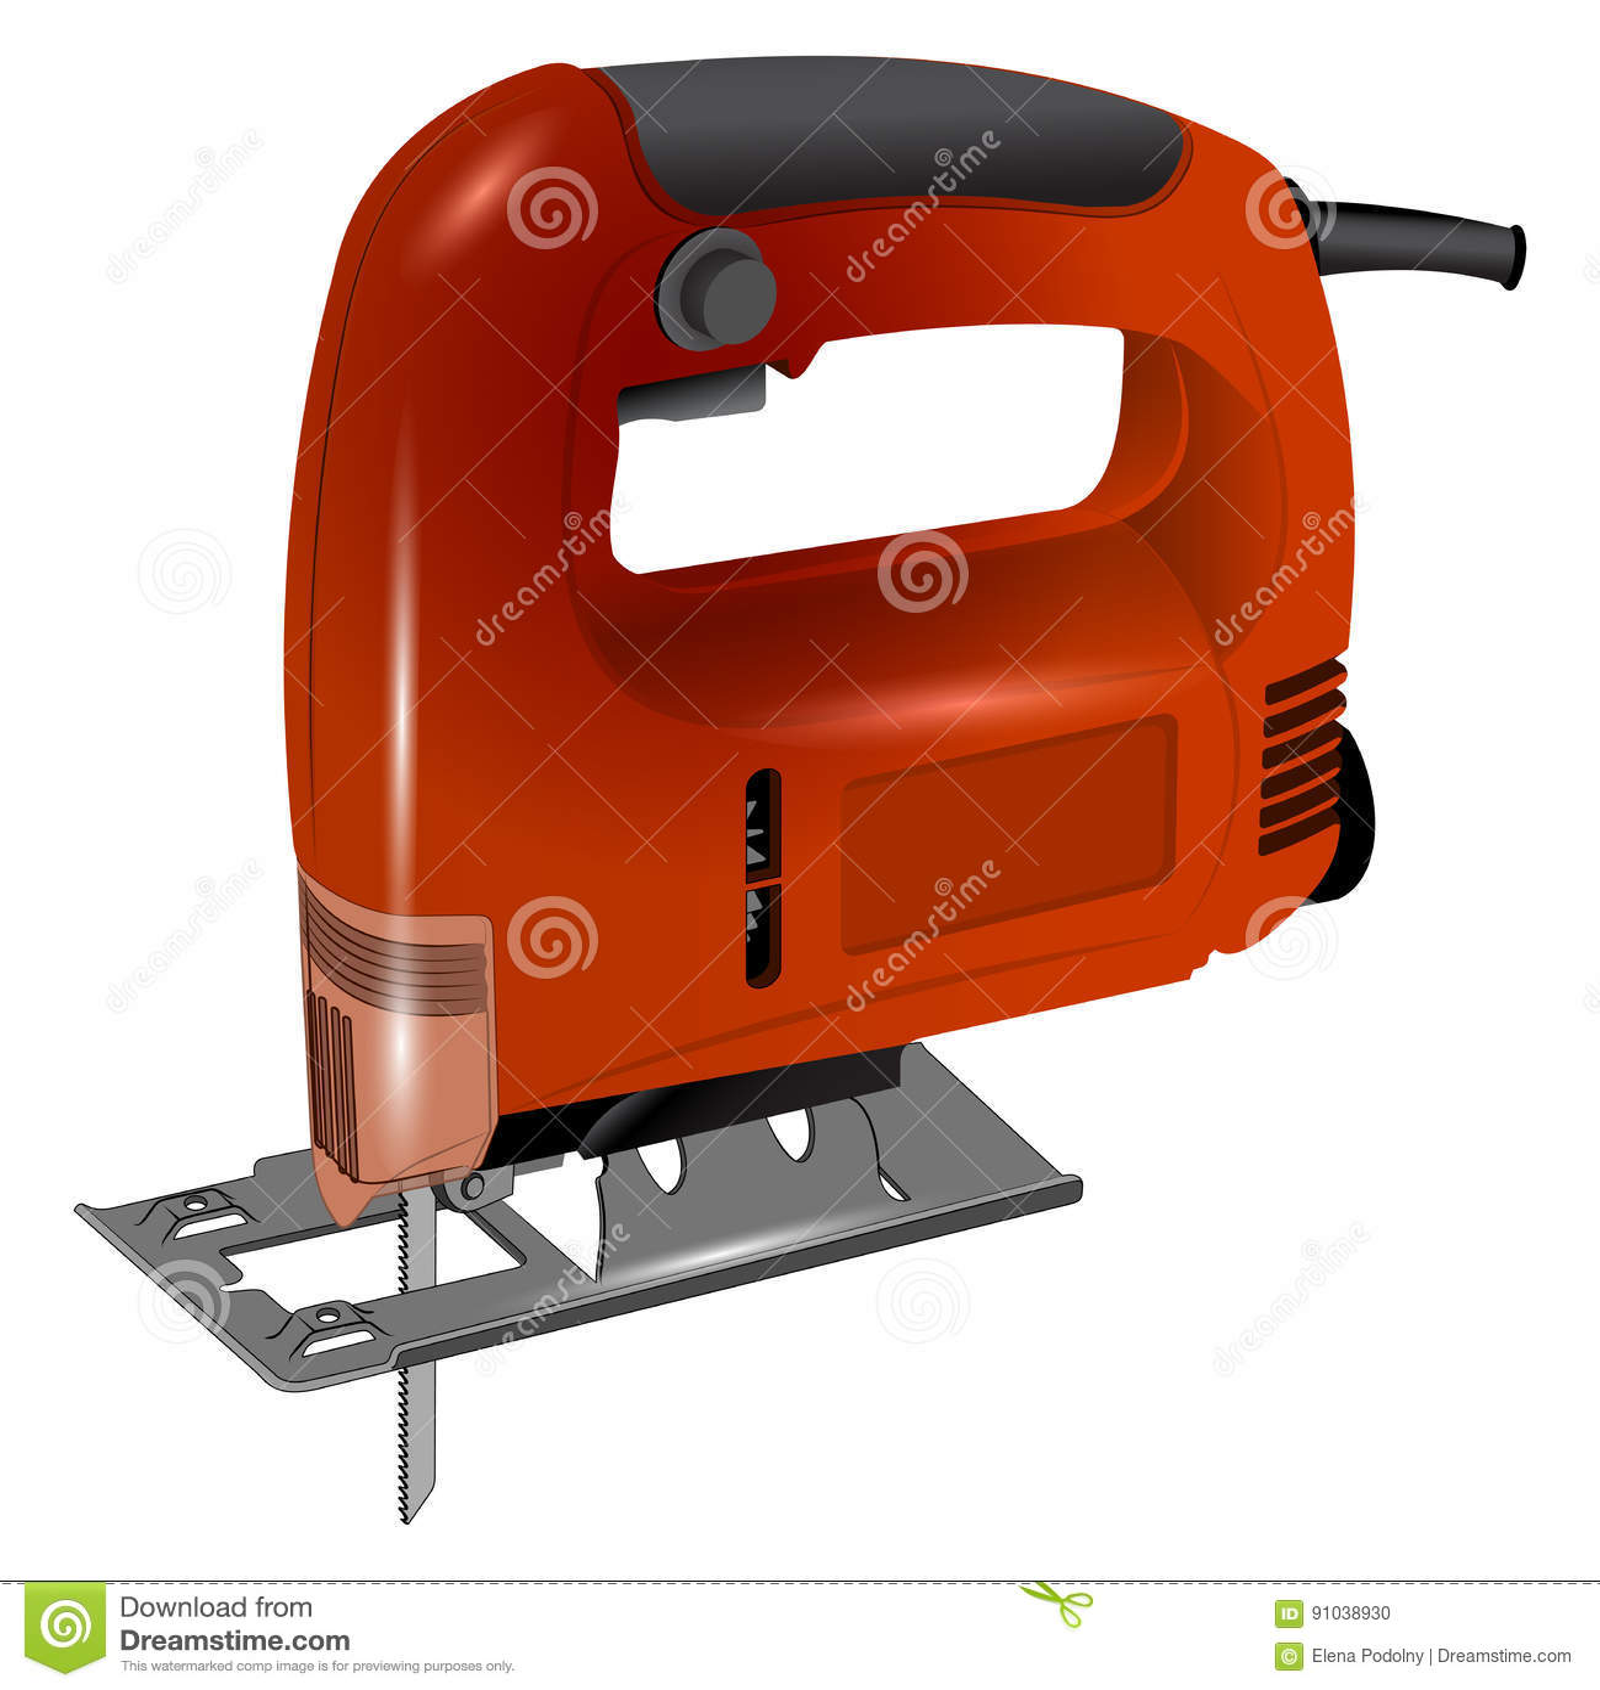 elektrische laubsäge im roten körper vektor abbildung - illustration